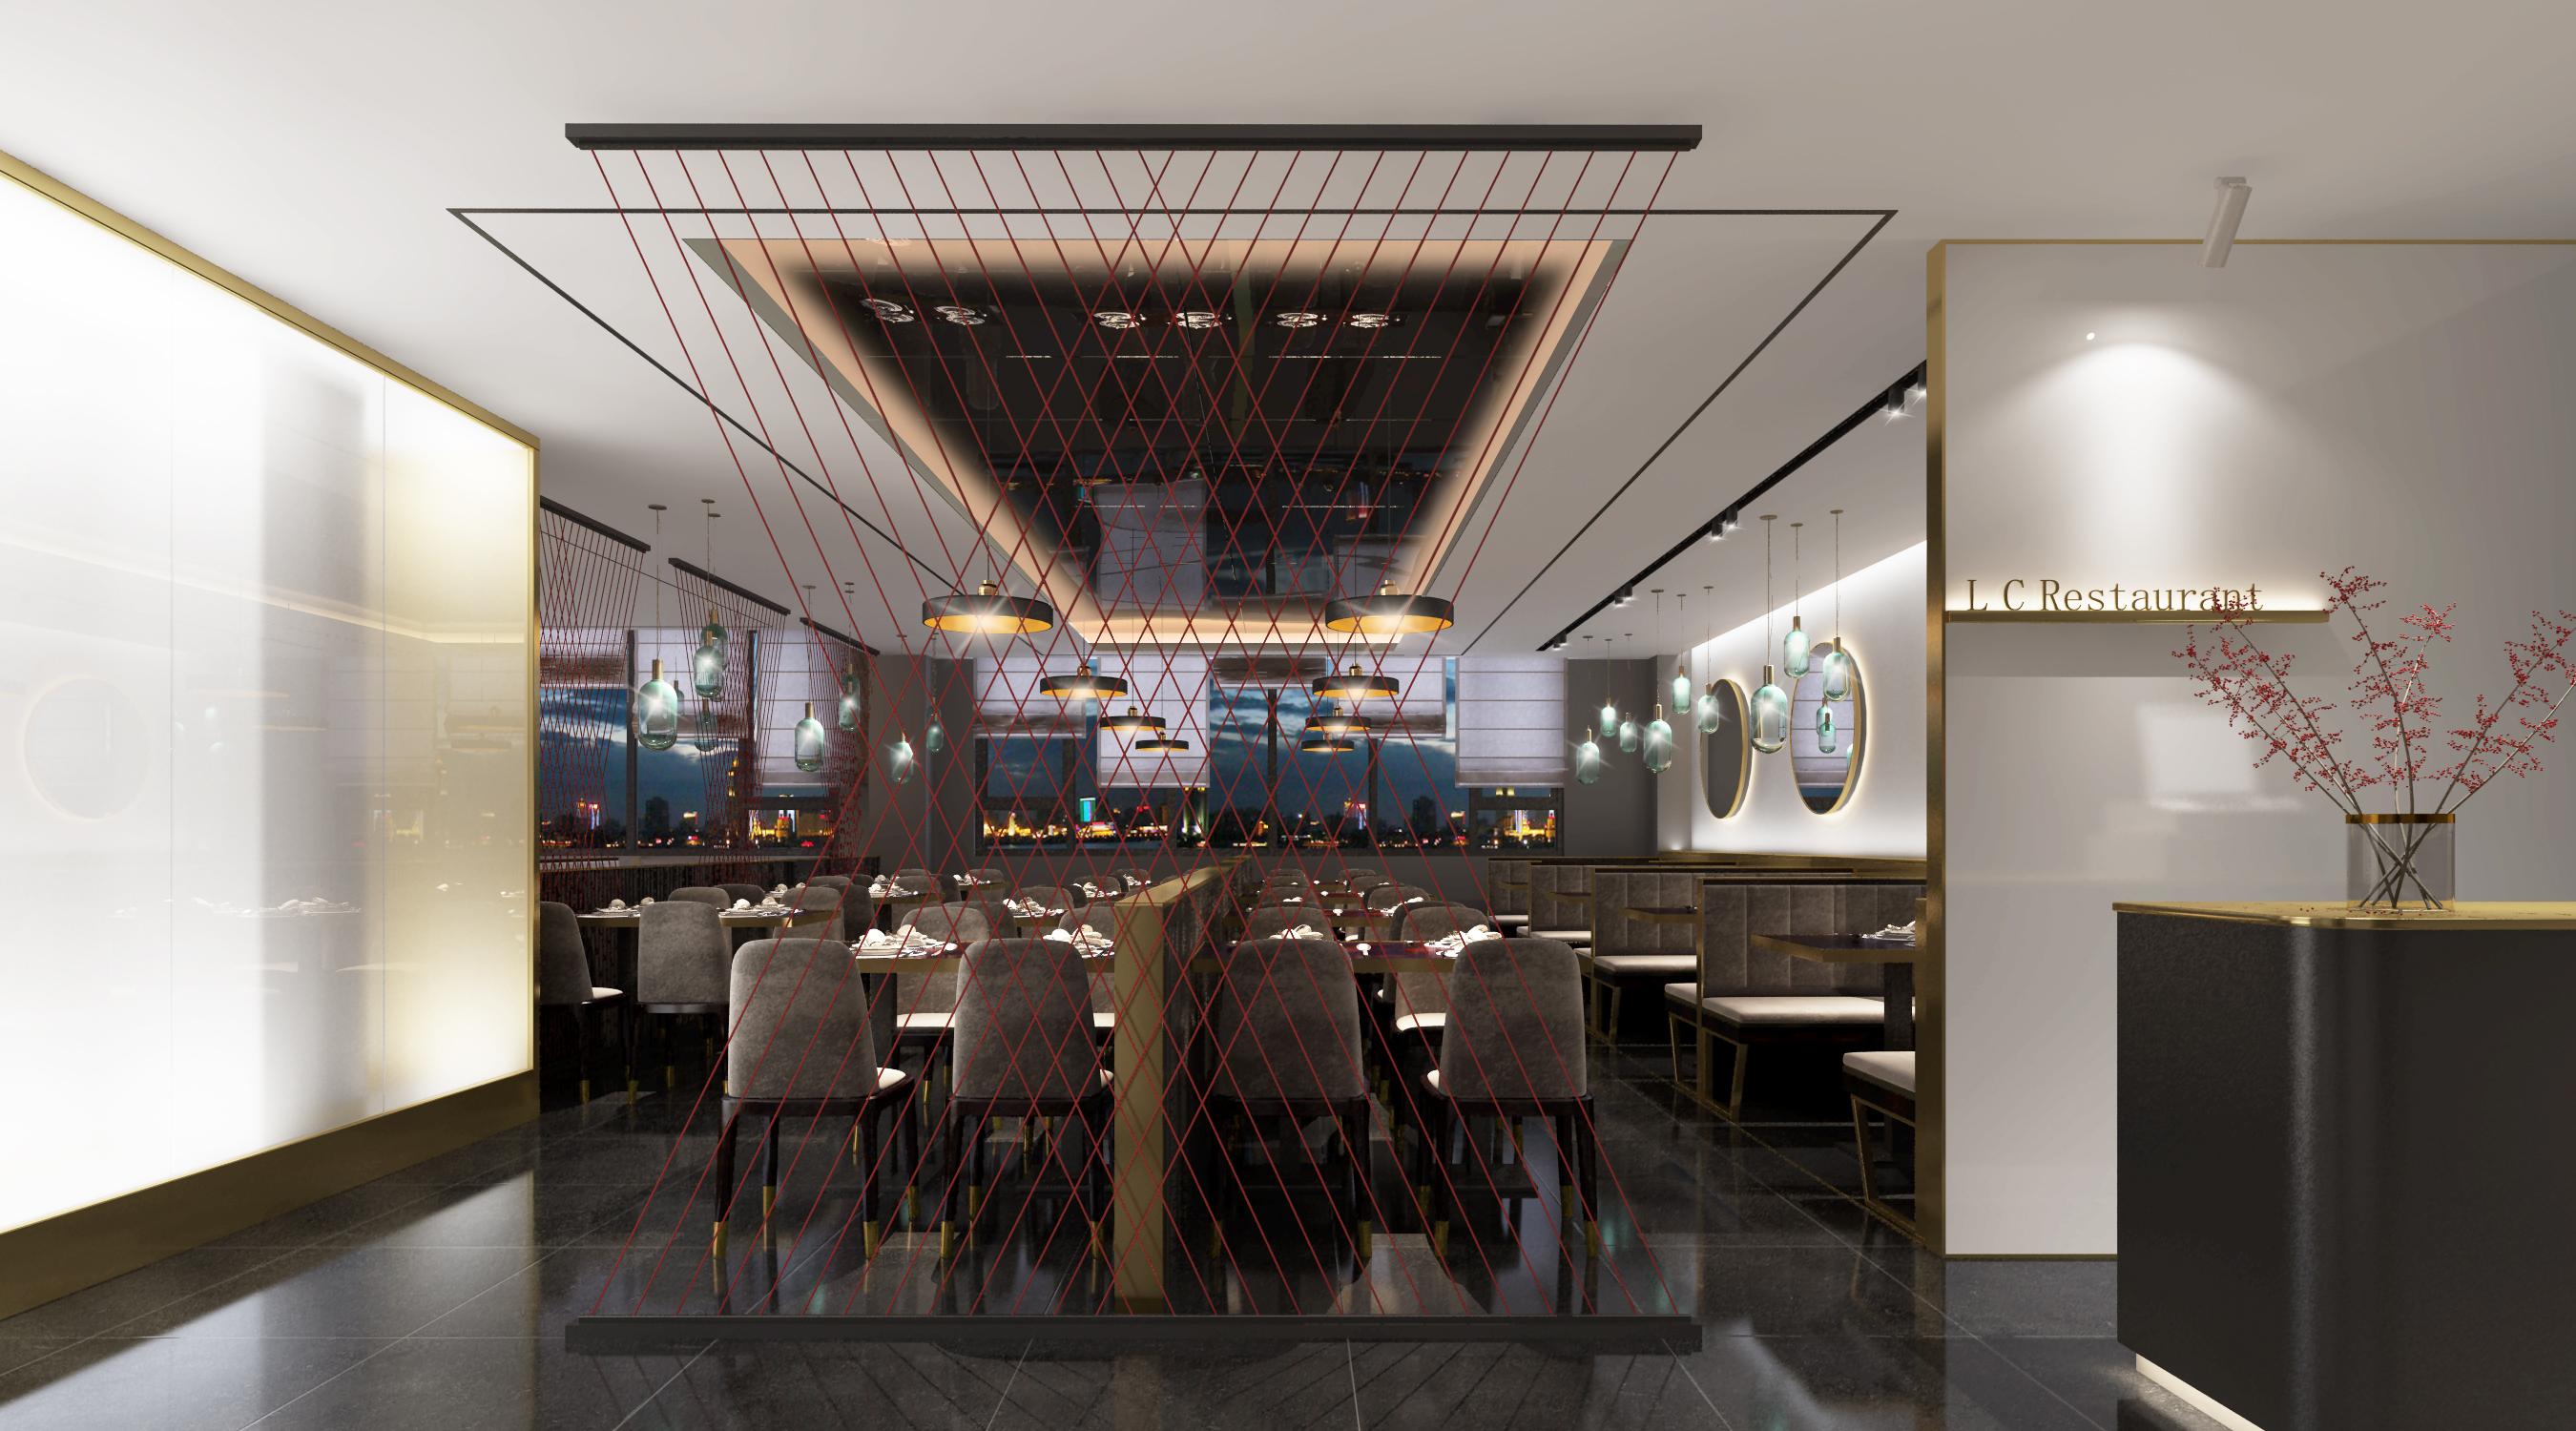 开封蓝城集团餐厅房间内部策划porject